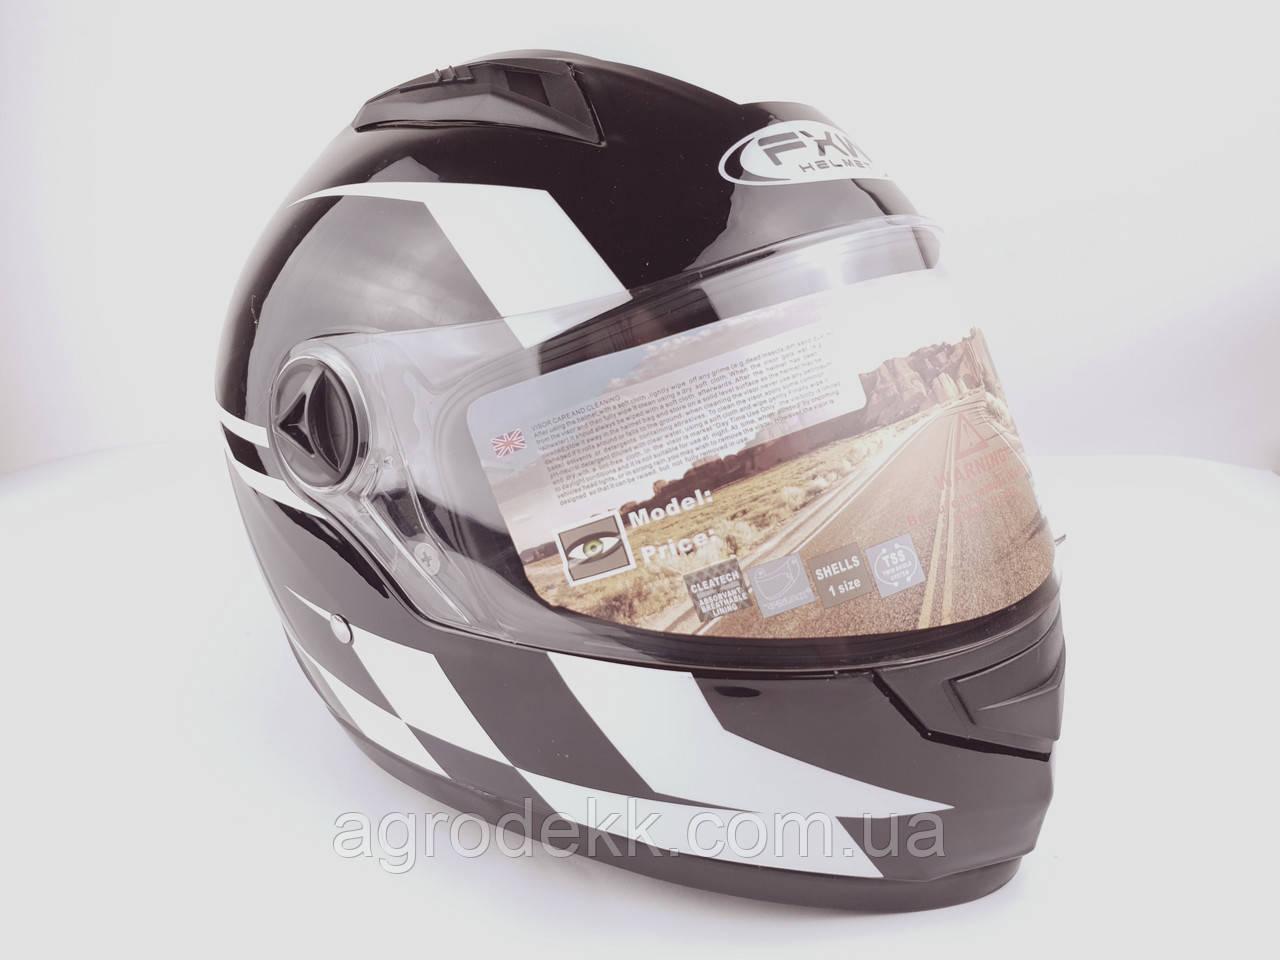 Шлем для мотоцикла Hel-Met 111 черный с полосой